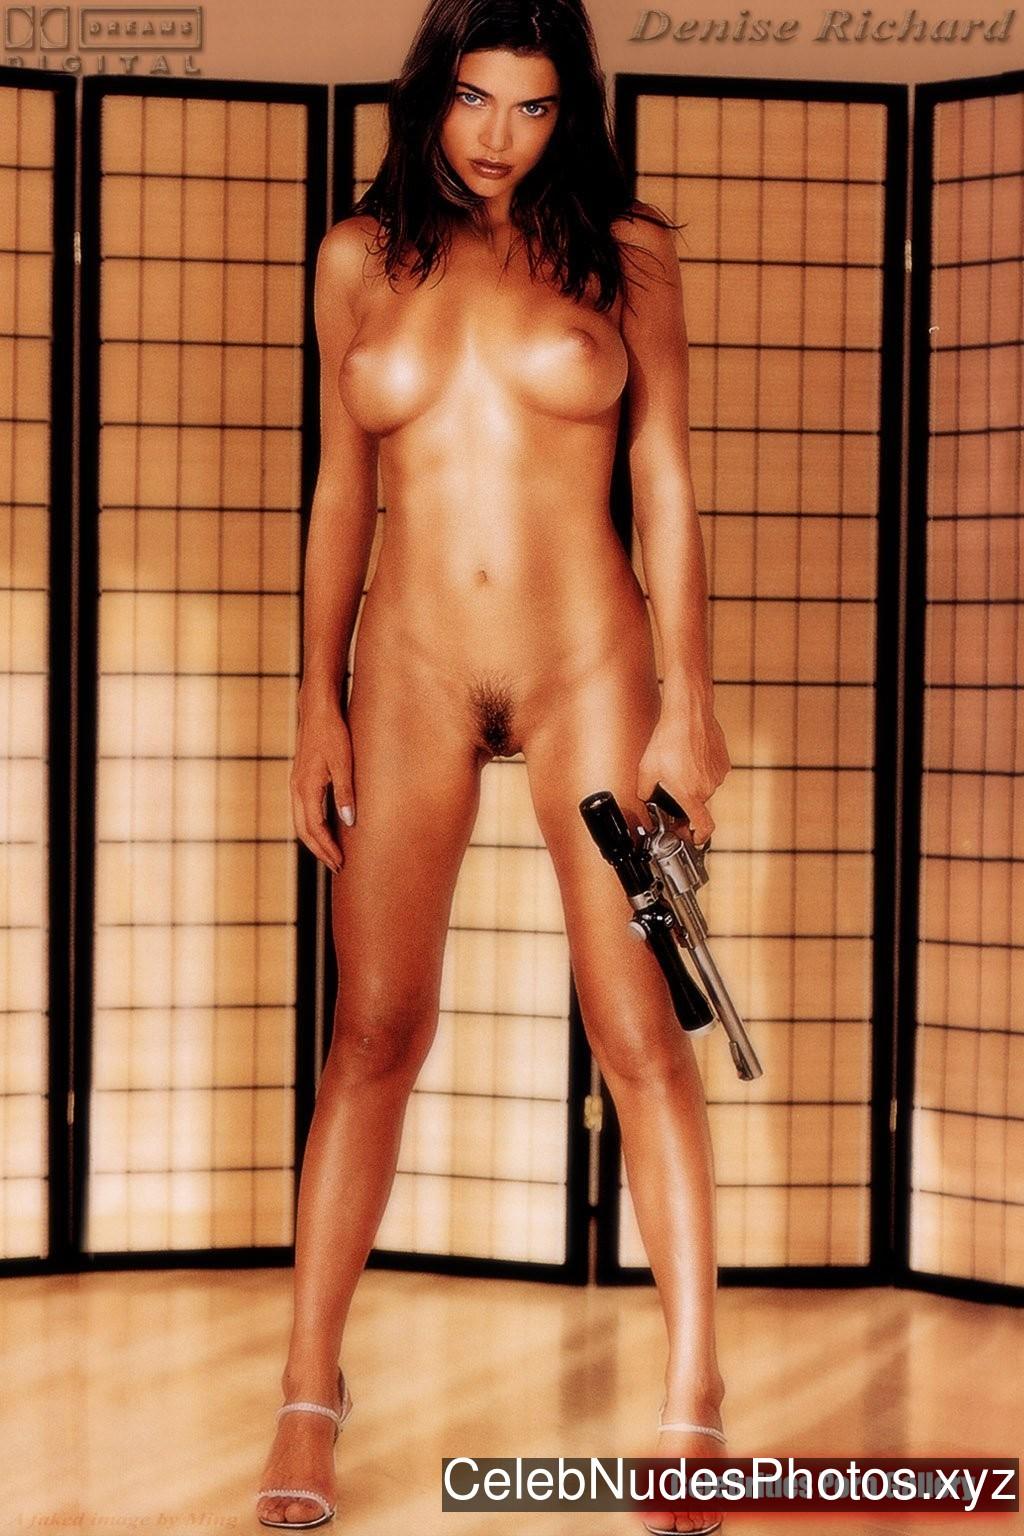 Denise Richards Nude Celeb sexy 16